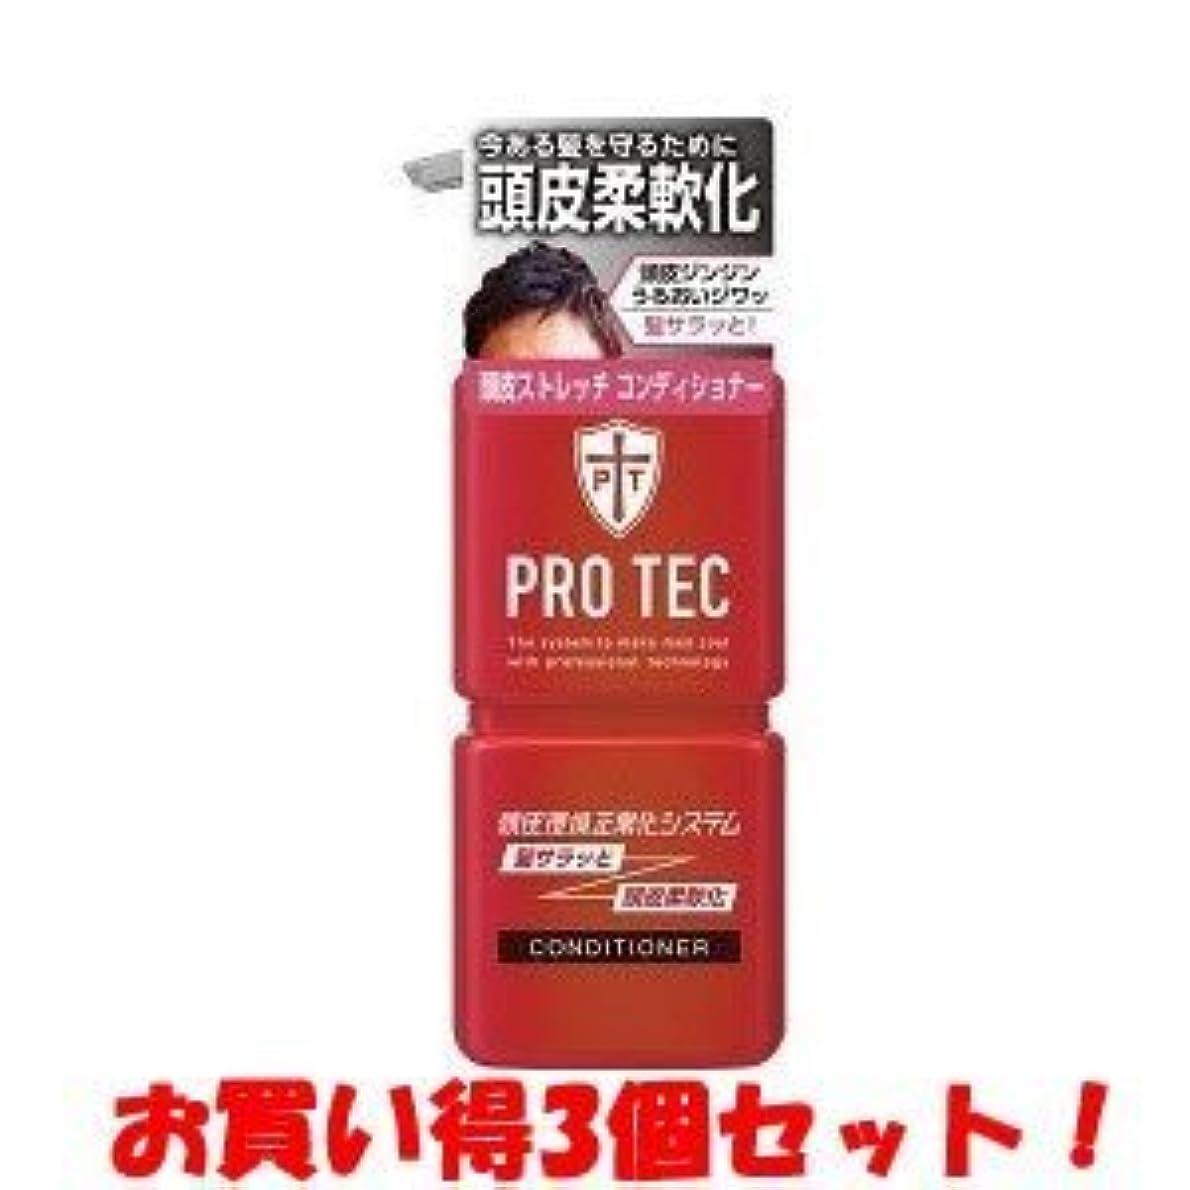 入札ドーム直面する(ライオン)PRO TEC(プロテク) 頭皮ストレッチ コンディショナー ポンプ 300g(お買い得3個セット)